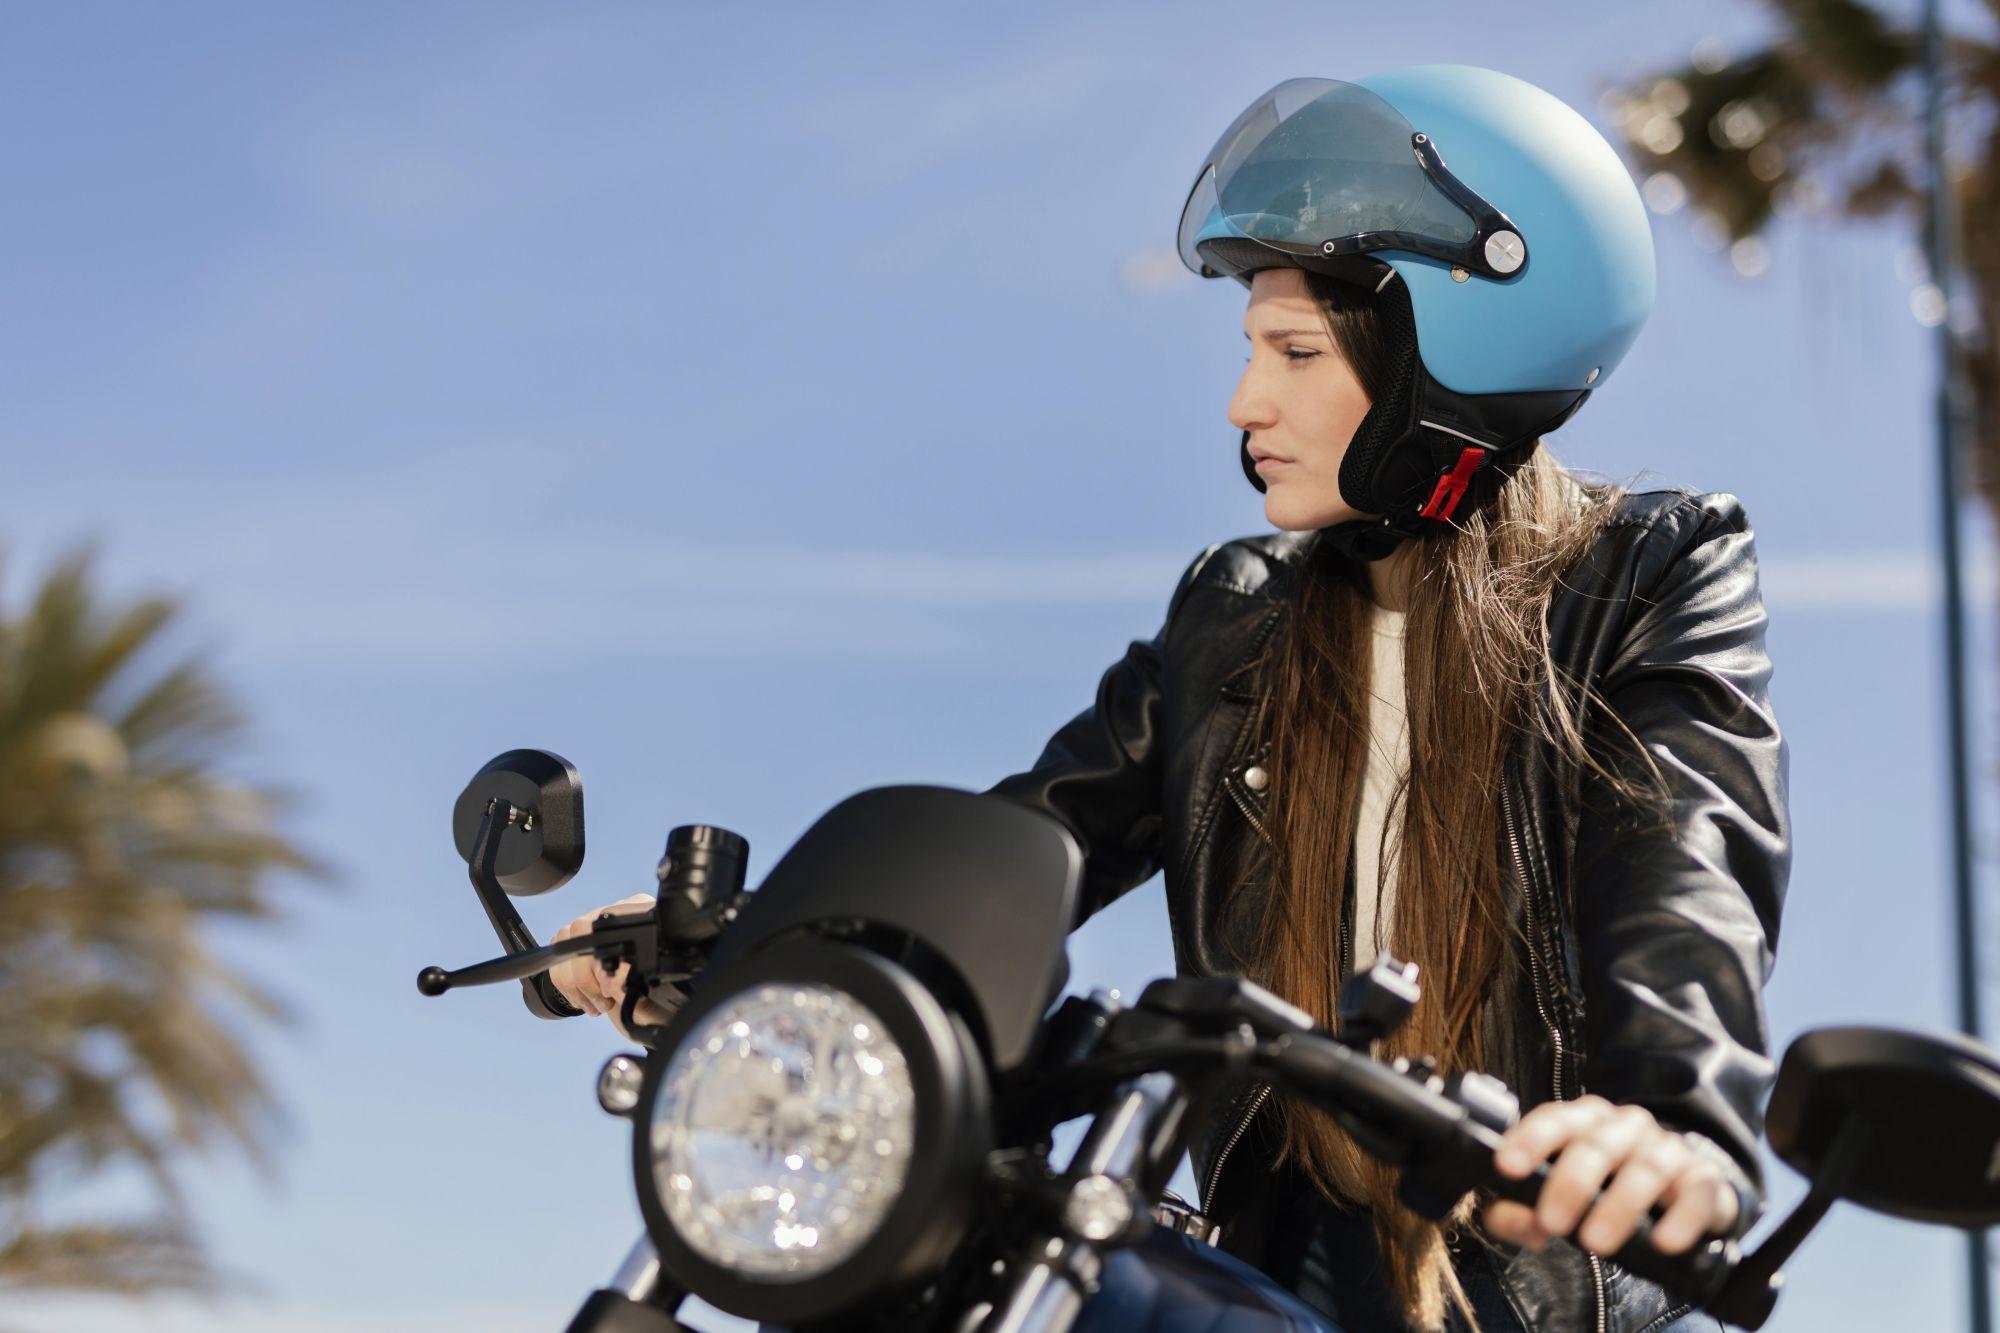 Fiatal lány motoron kék színű nyitott arcrészes bukósisakban